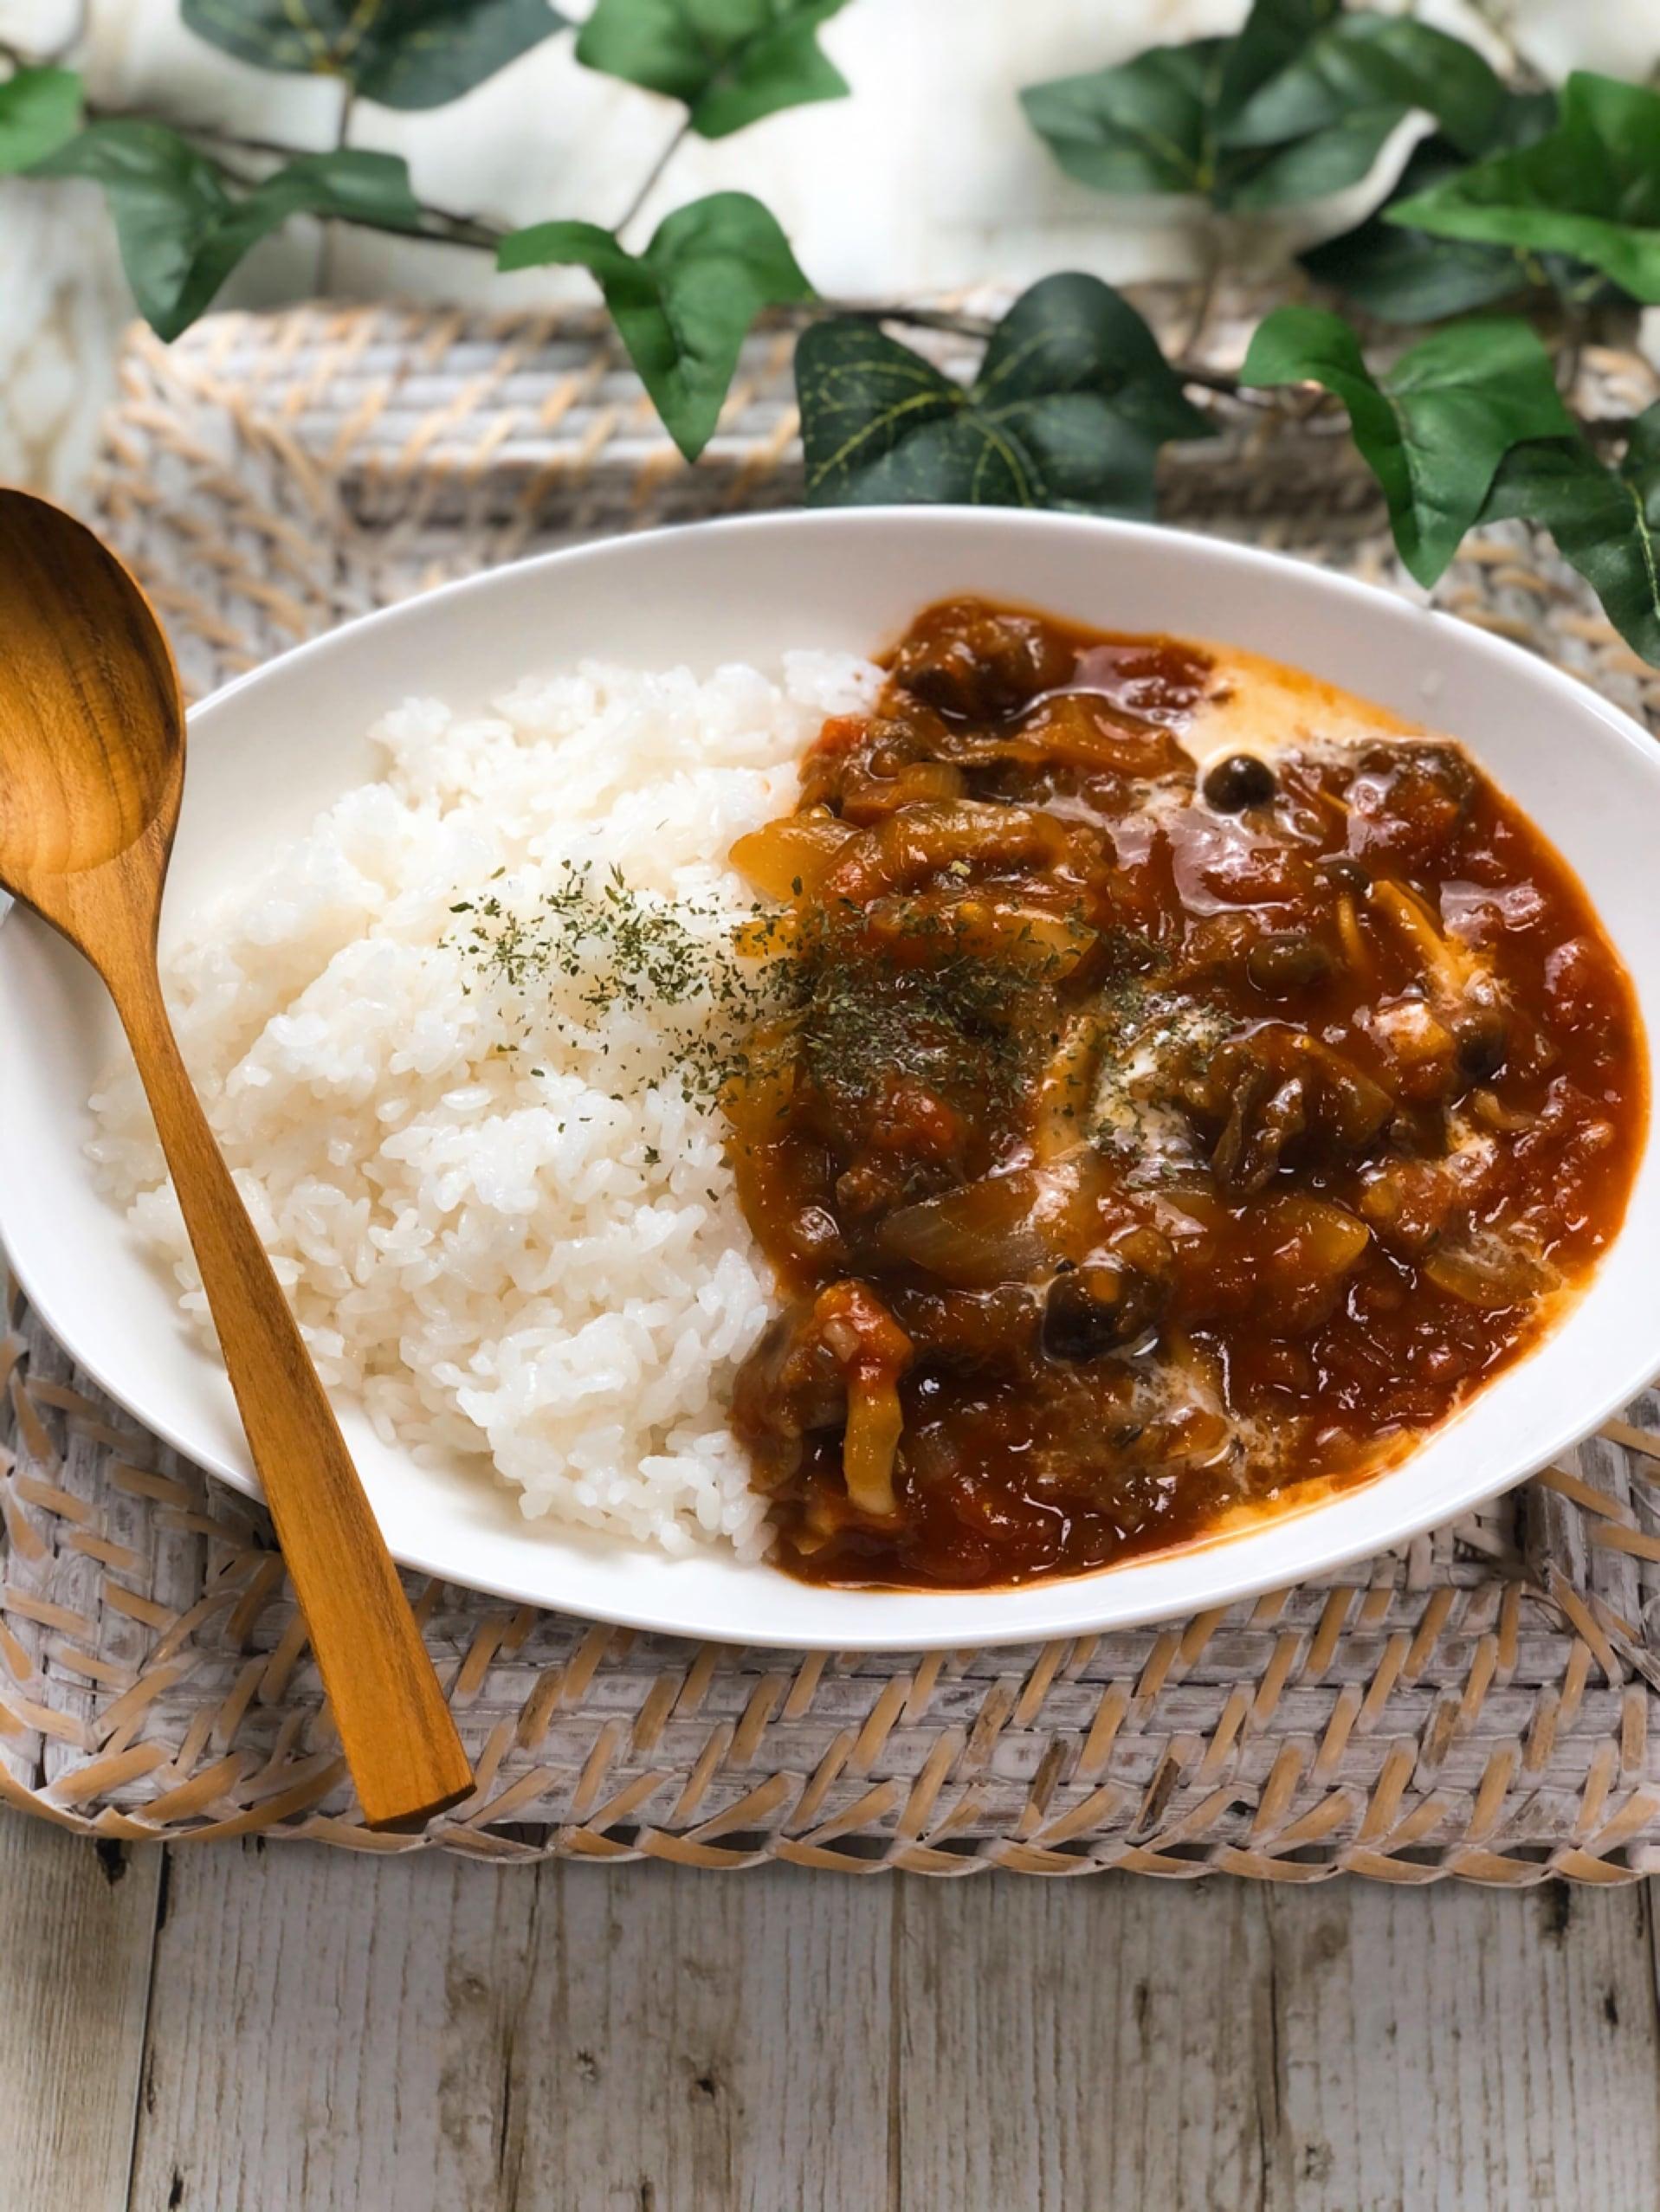 ハヤシライス 完熟 トマト レシピ の ソース